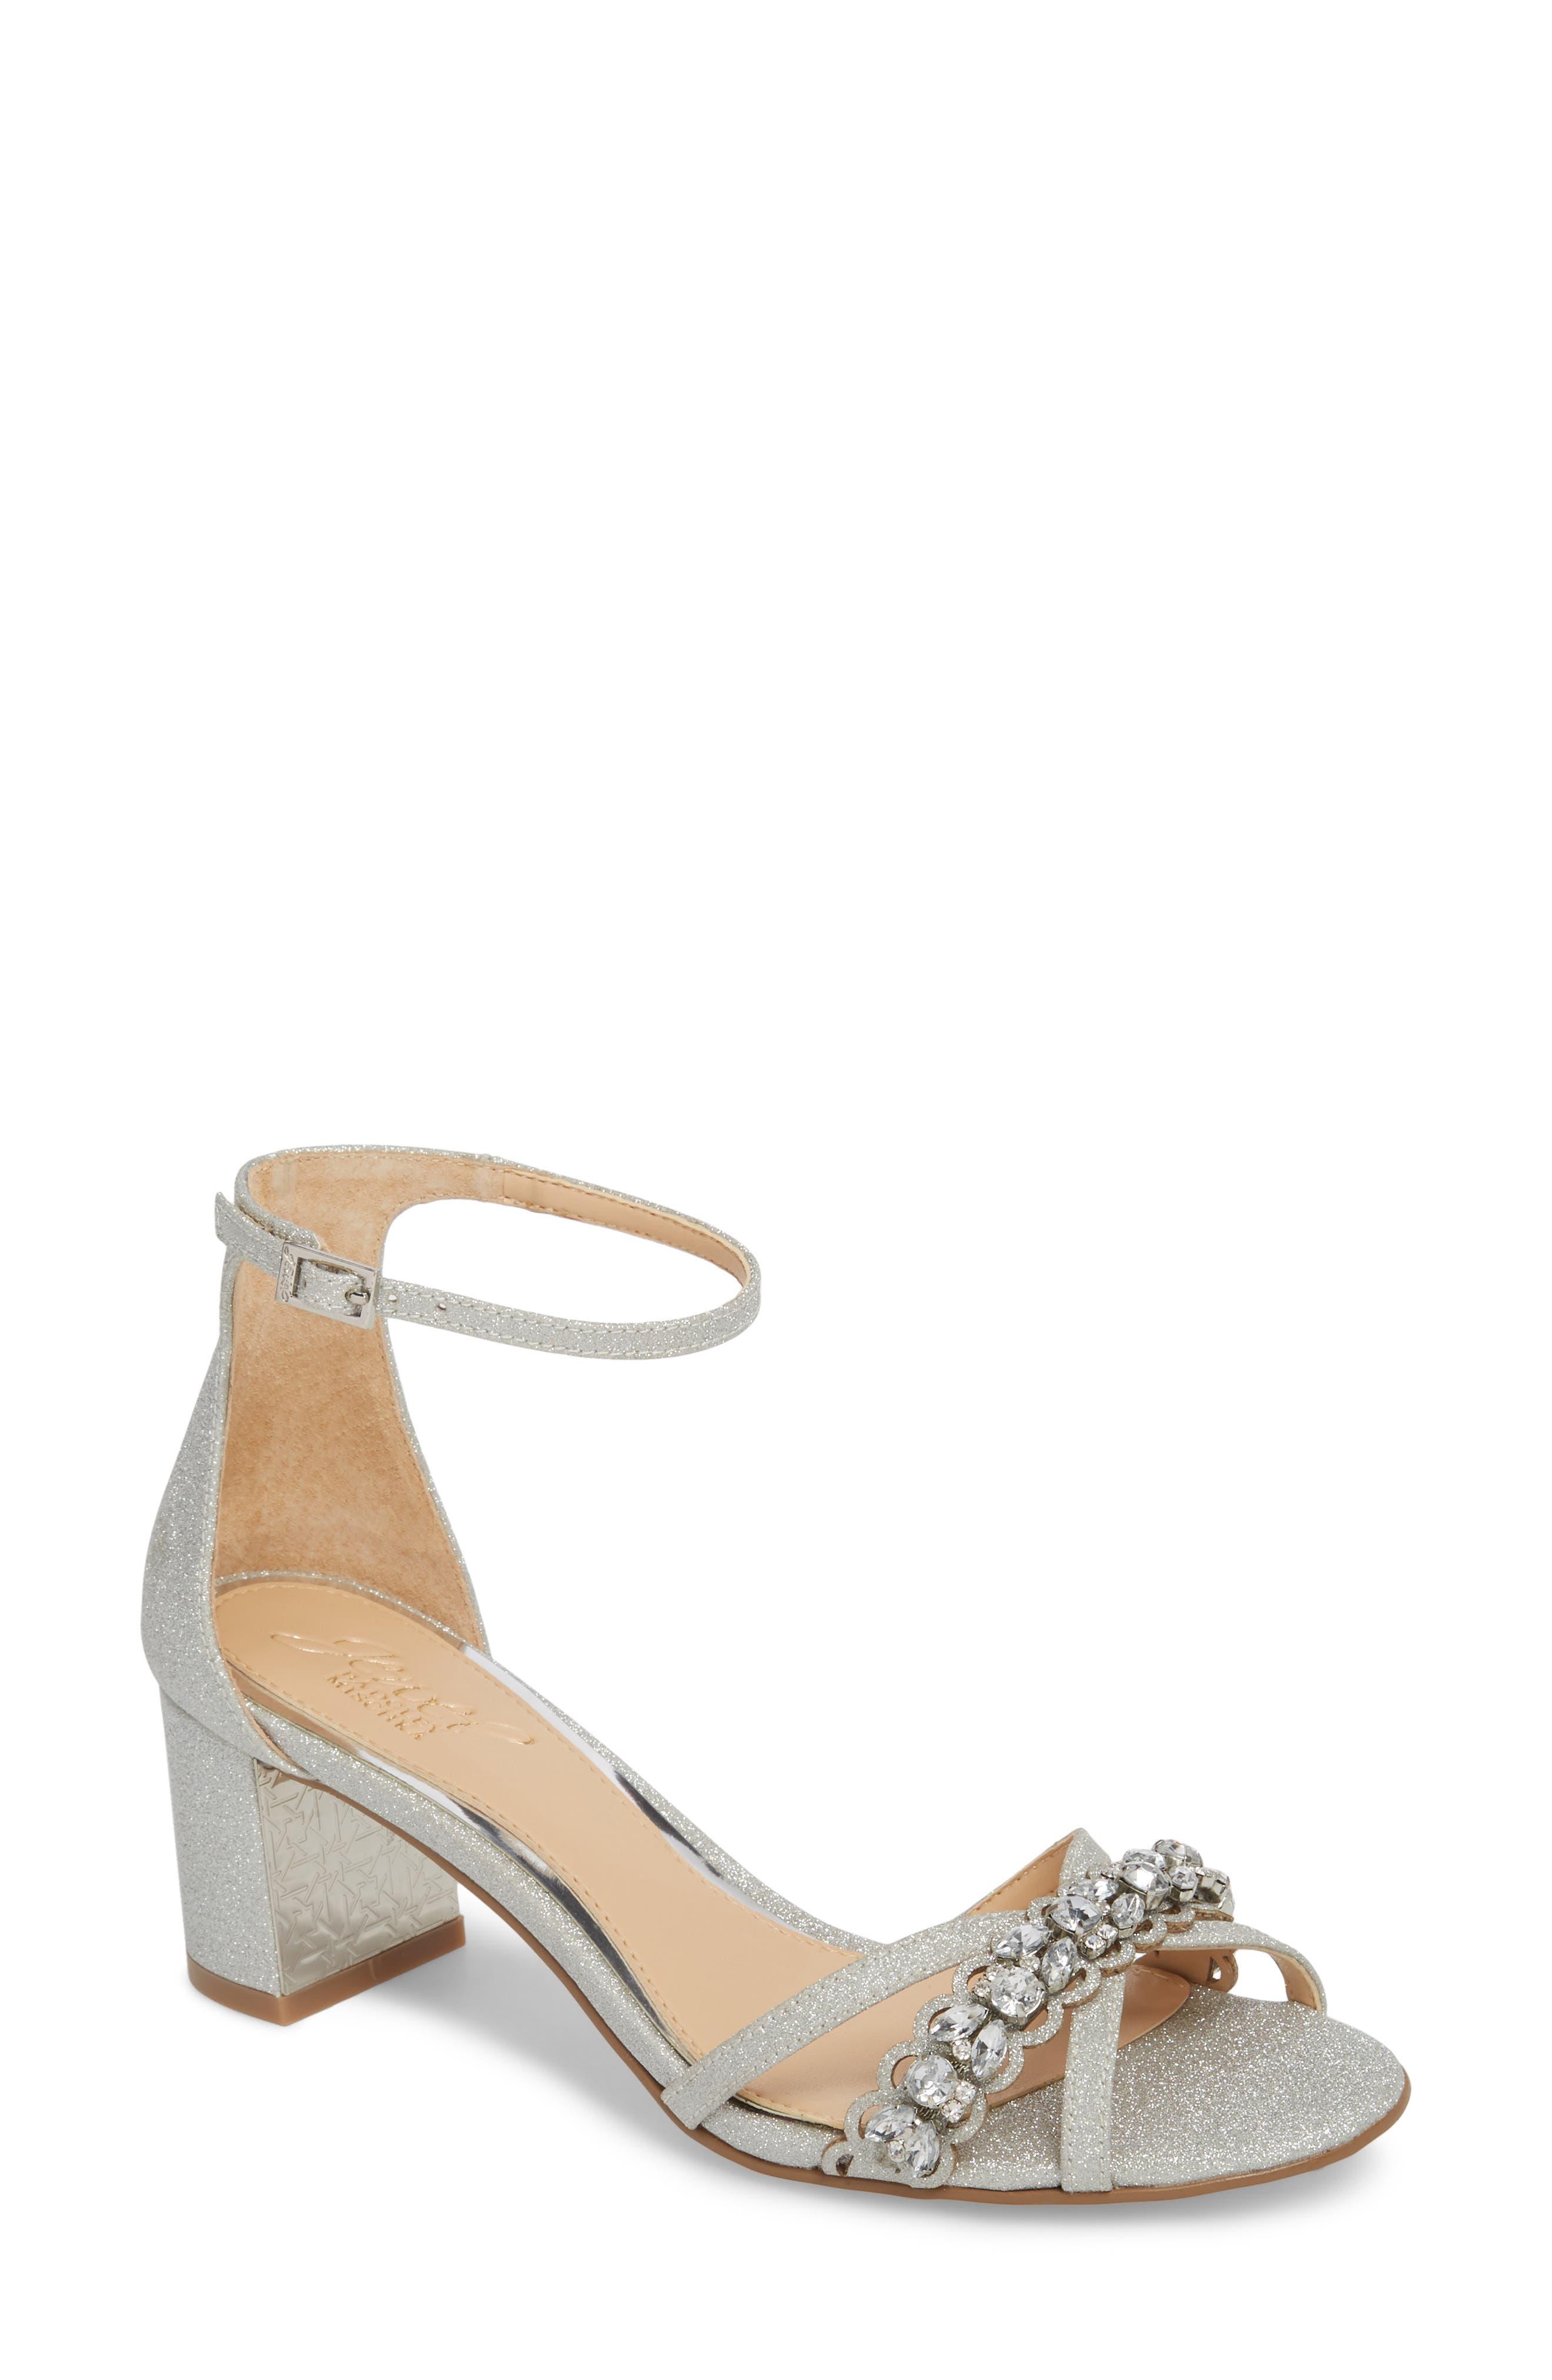 Women's Jewel Badgley Mischka Heels